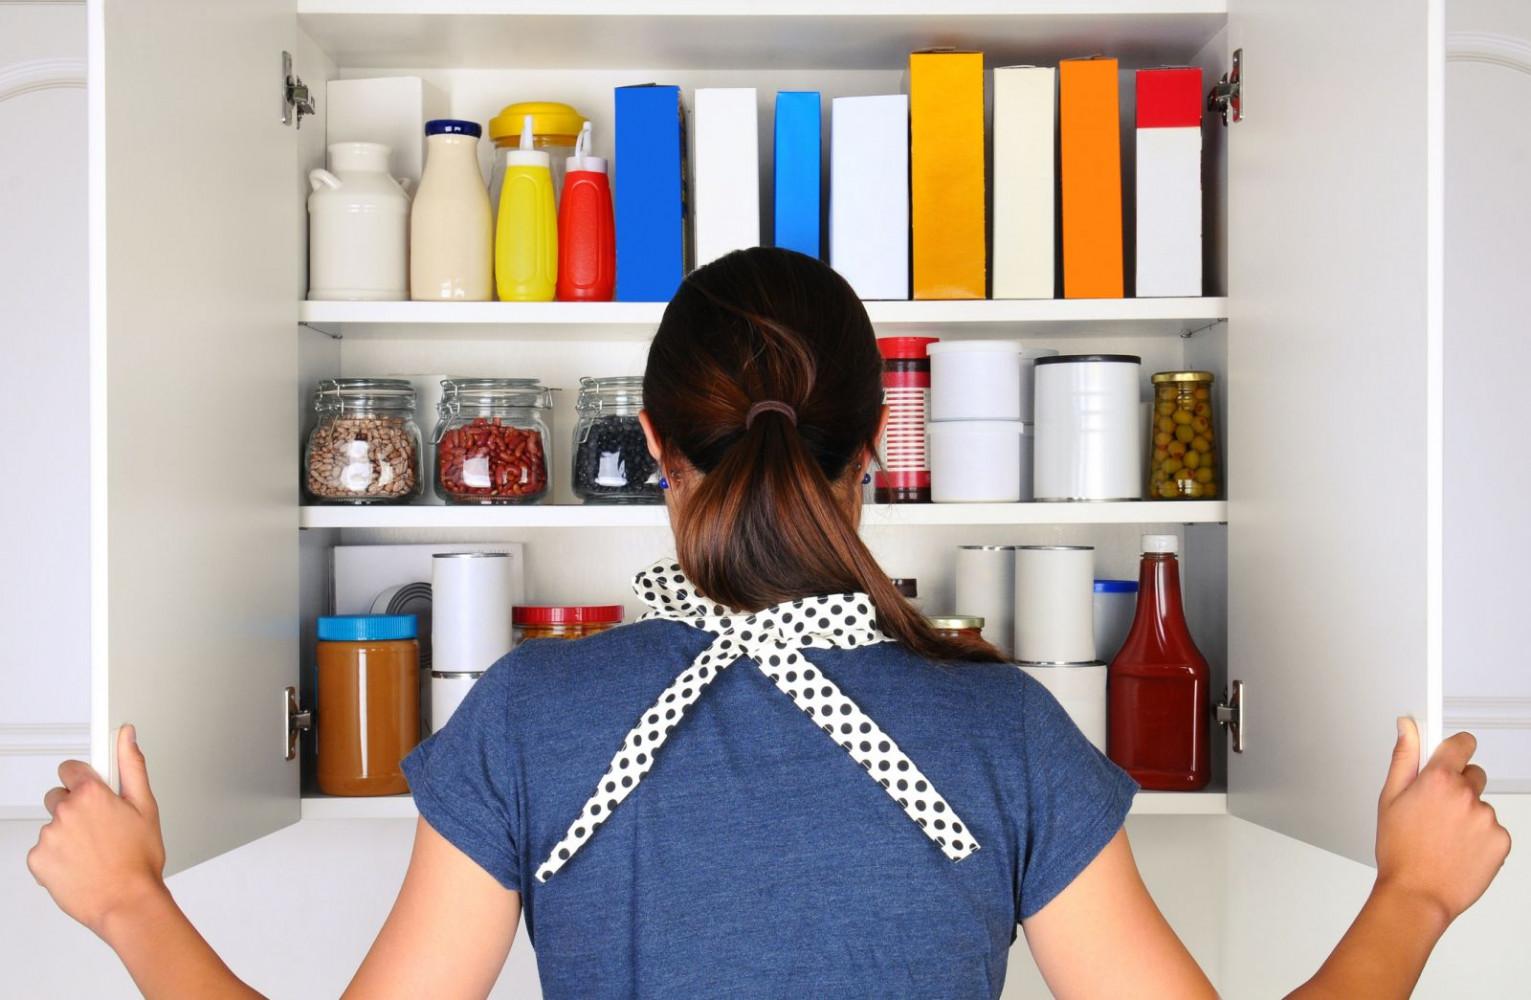 woman looking in pantry